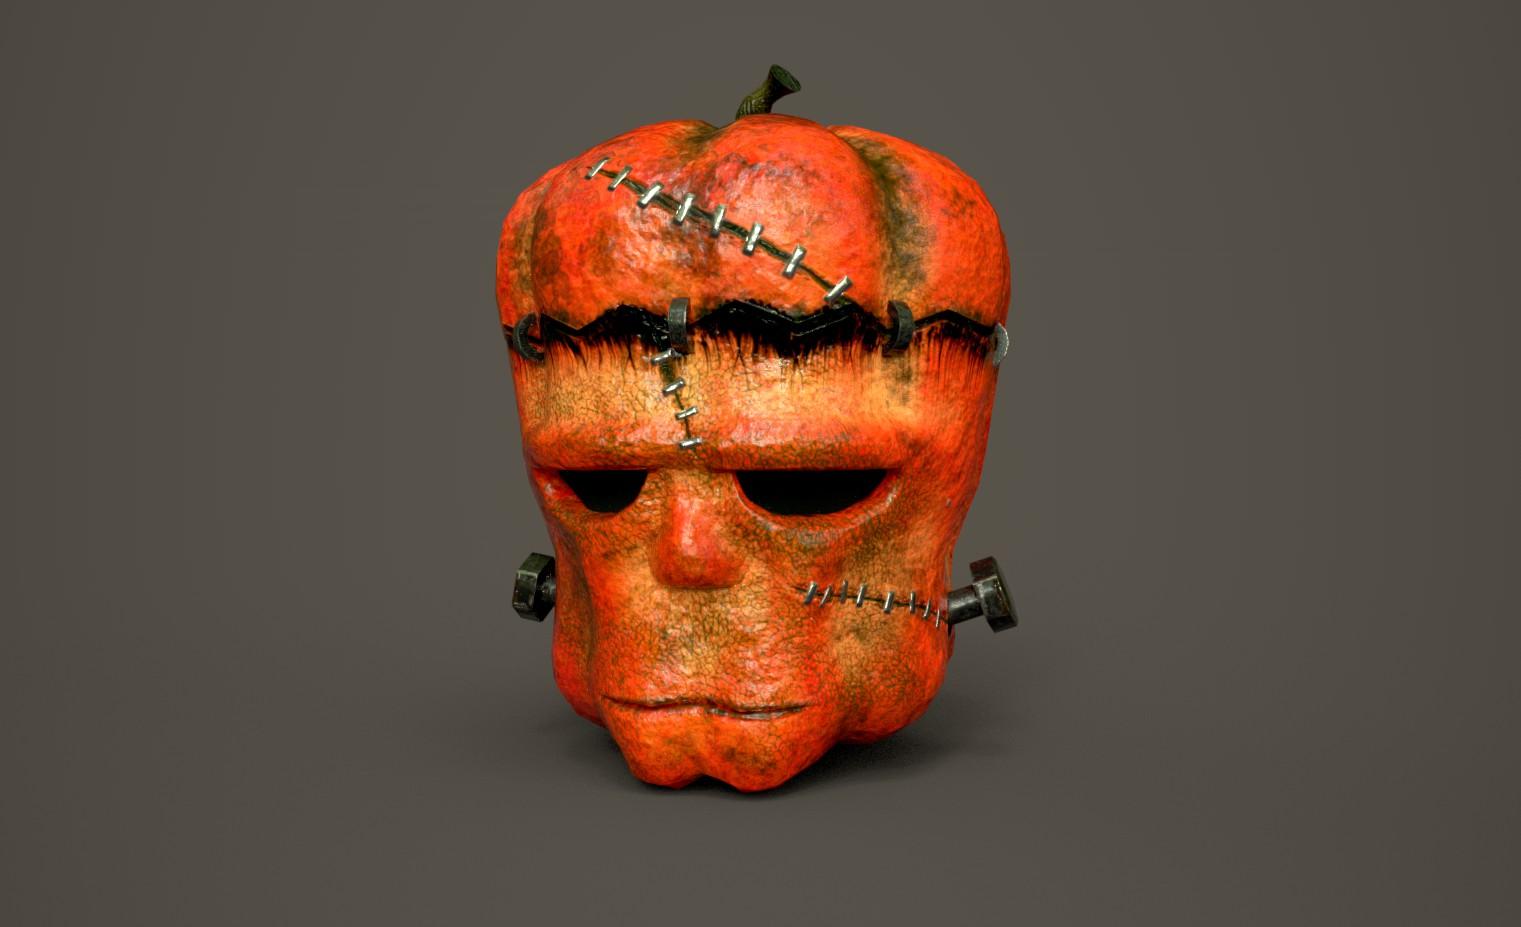 Frankenstein's pumpkin